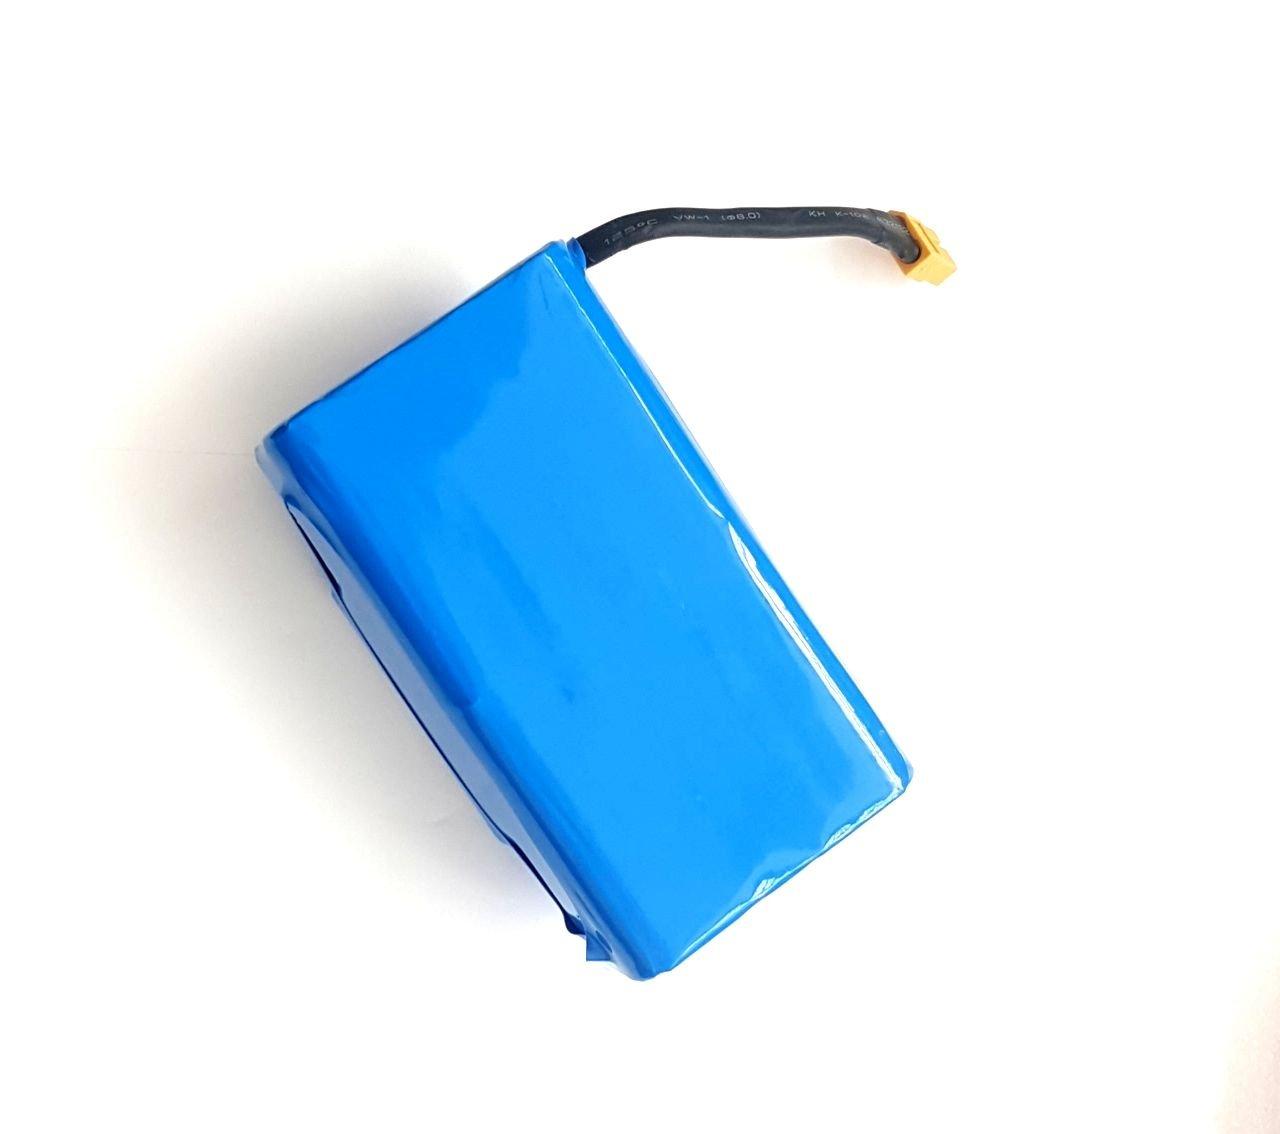 Billede af Segboard batteri